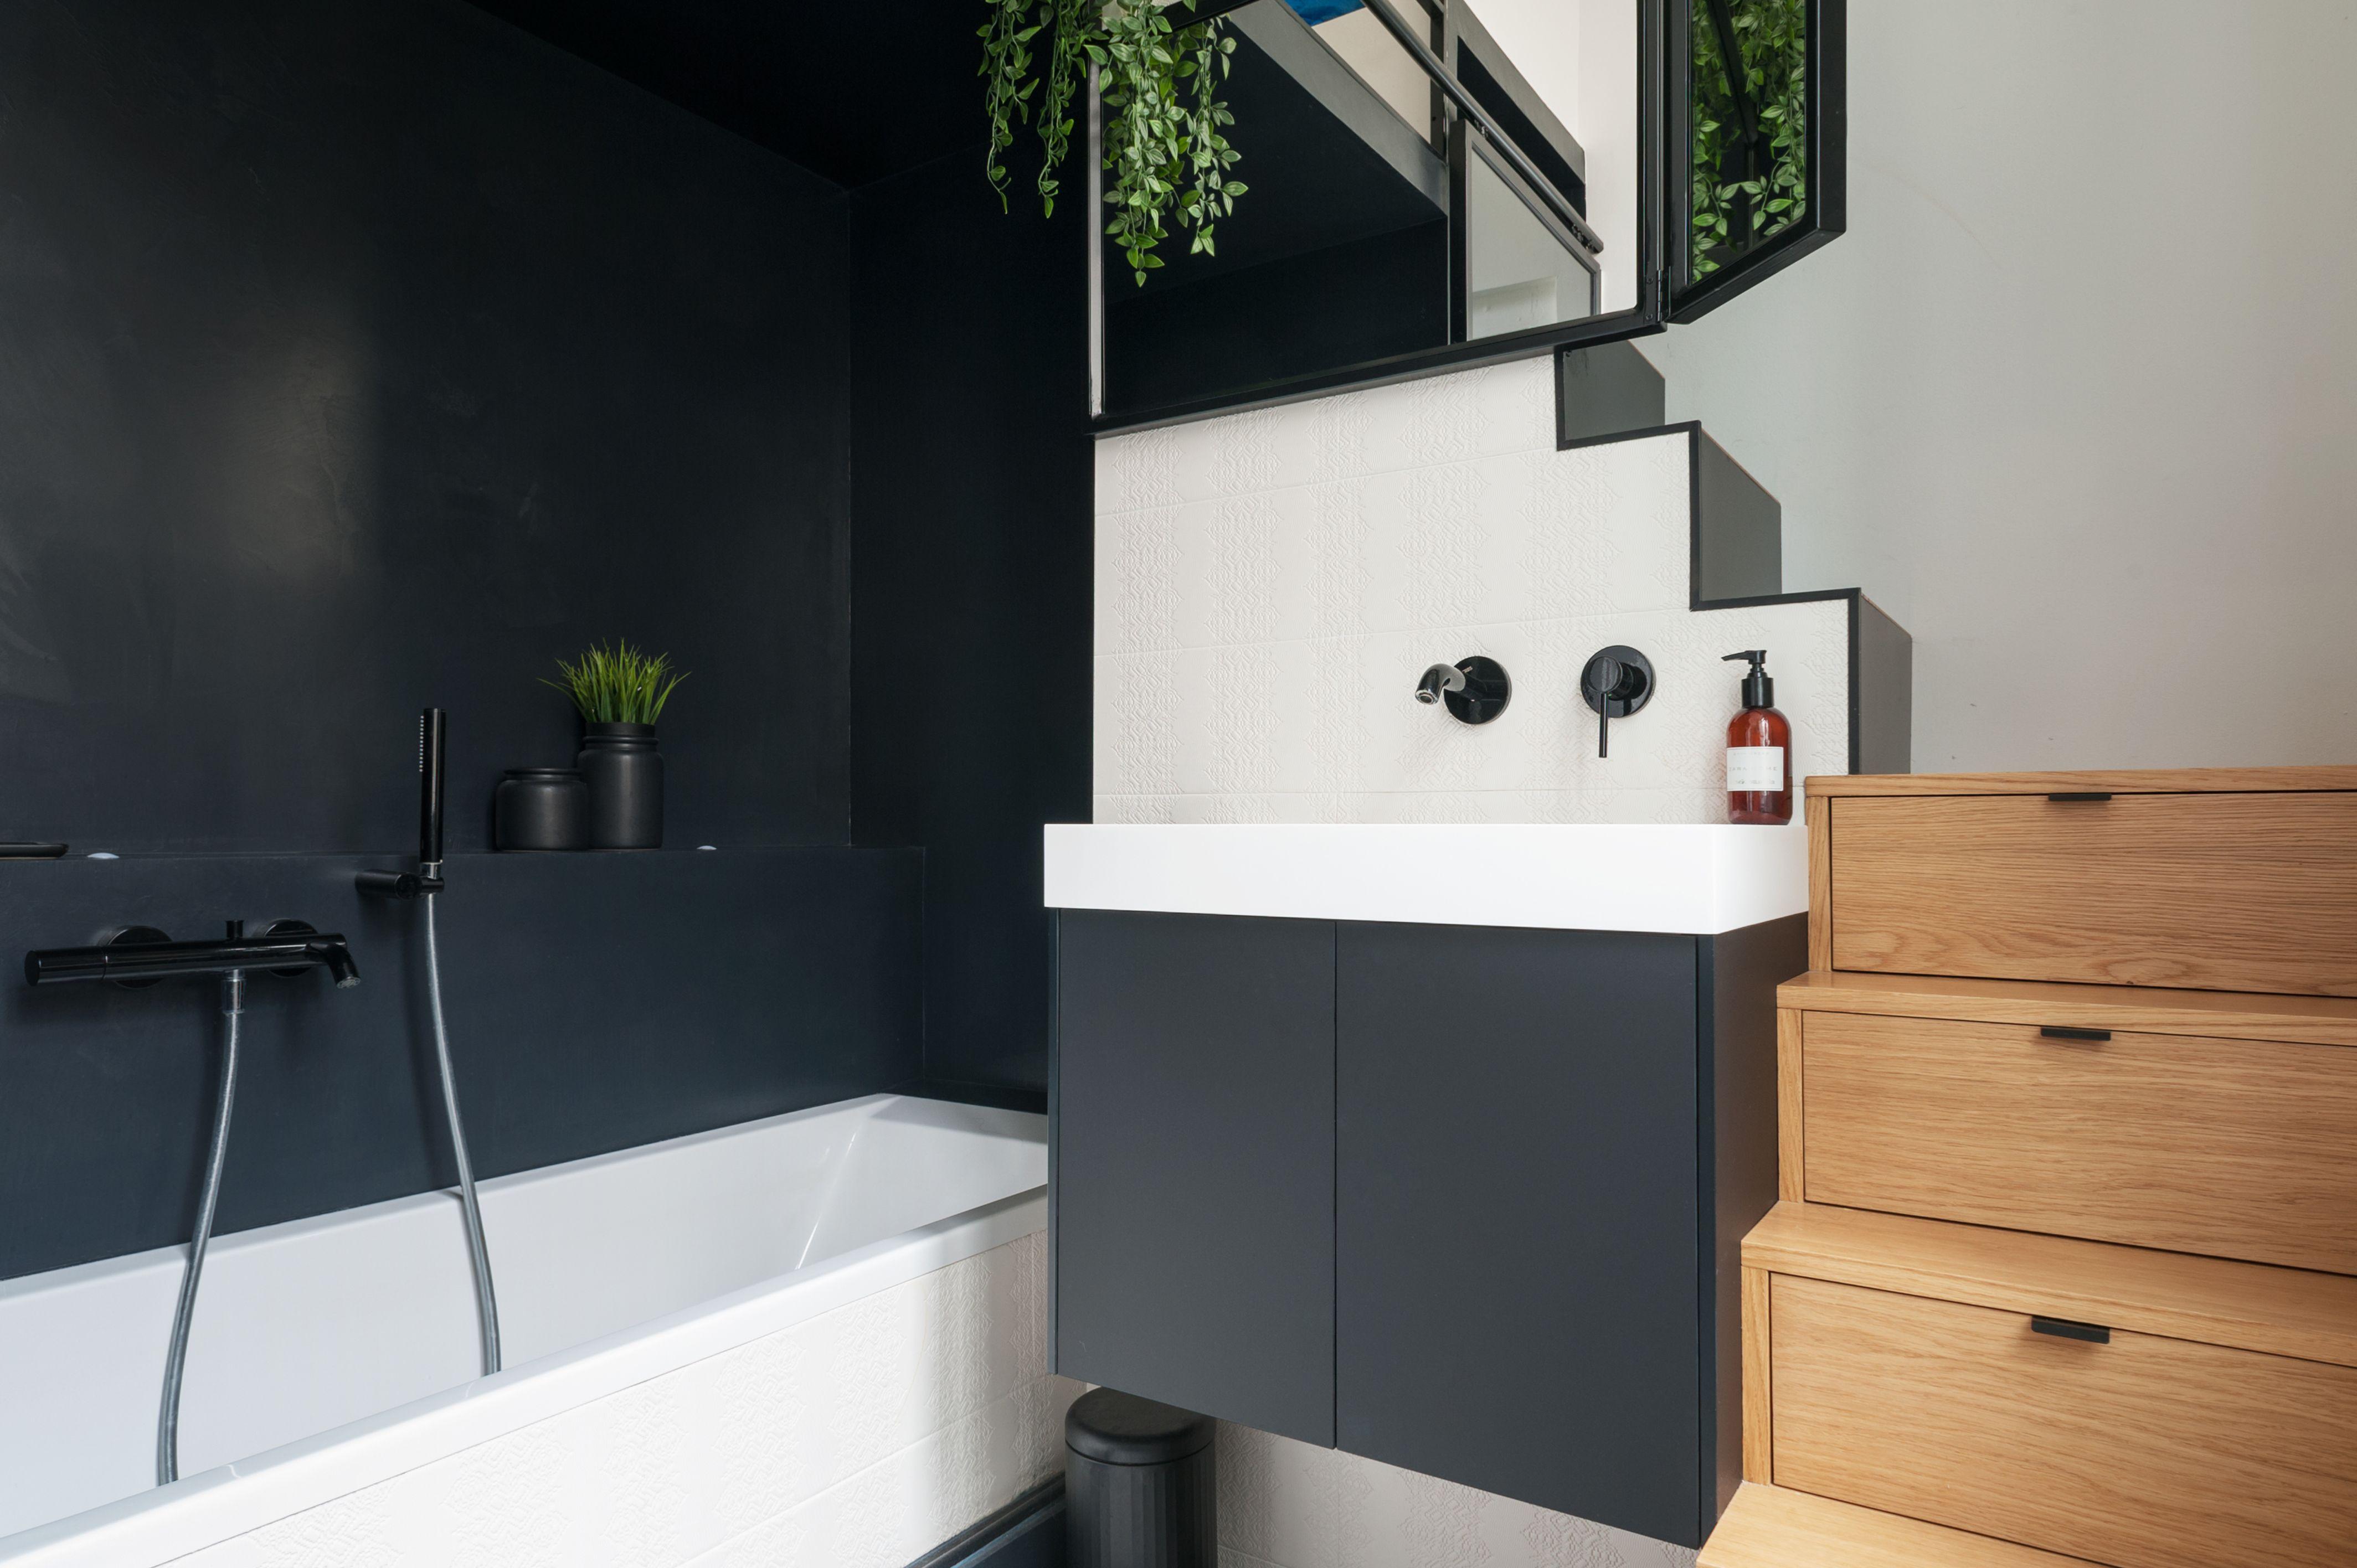 Une Salle De Bain Avec Un Meuble Escalier Sur Mesure Et Beton Cire Noir Projet Cree Par Inma Studio Meuble Escalier Appartement Architecture Interieure